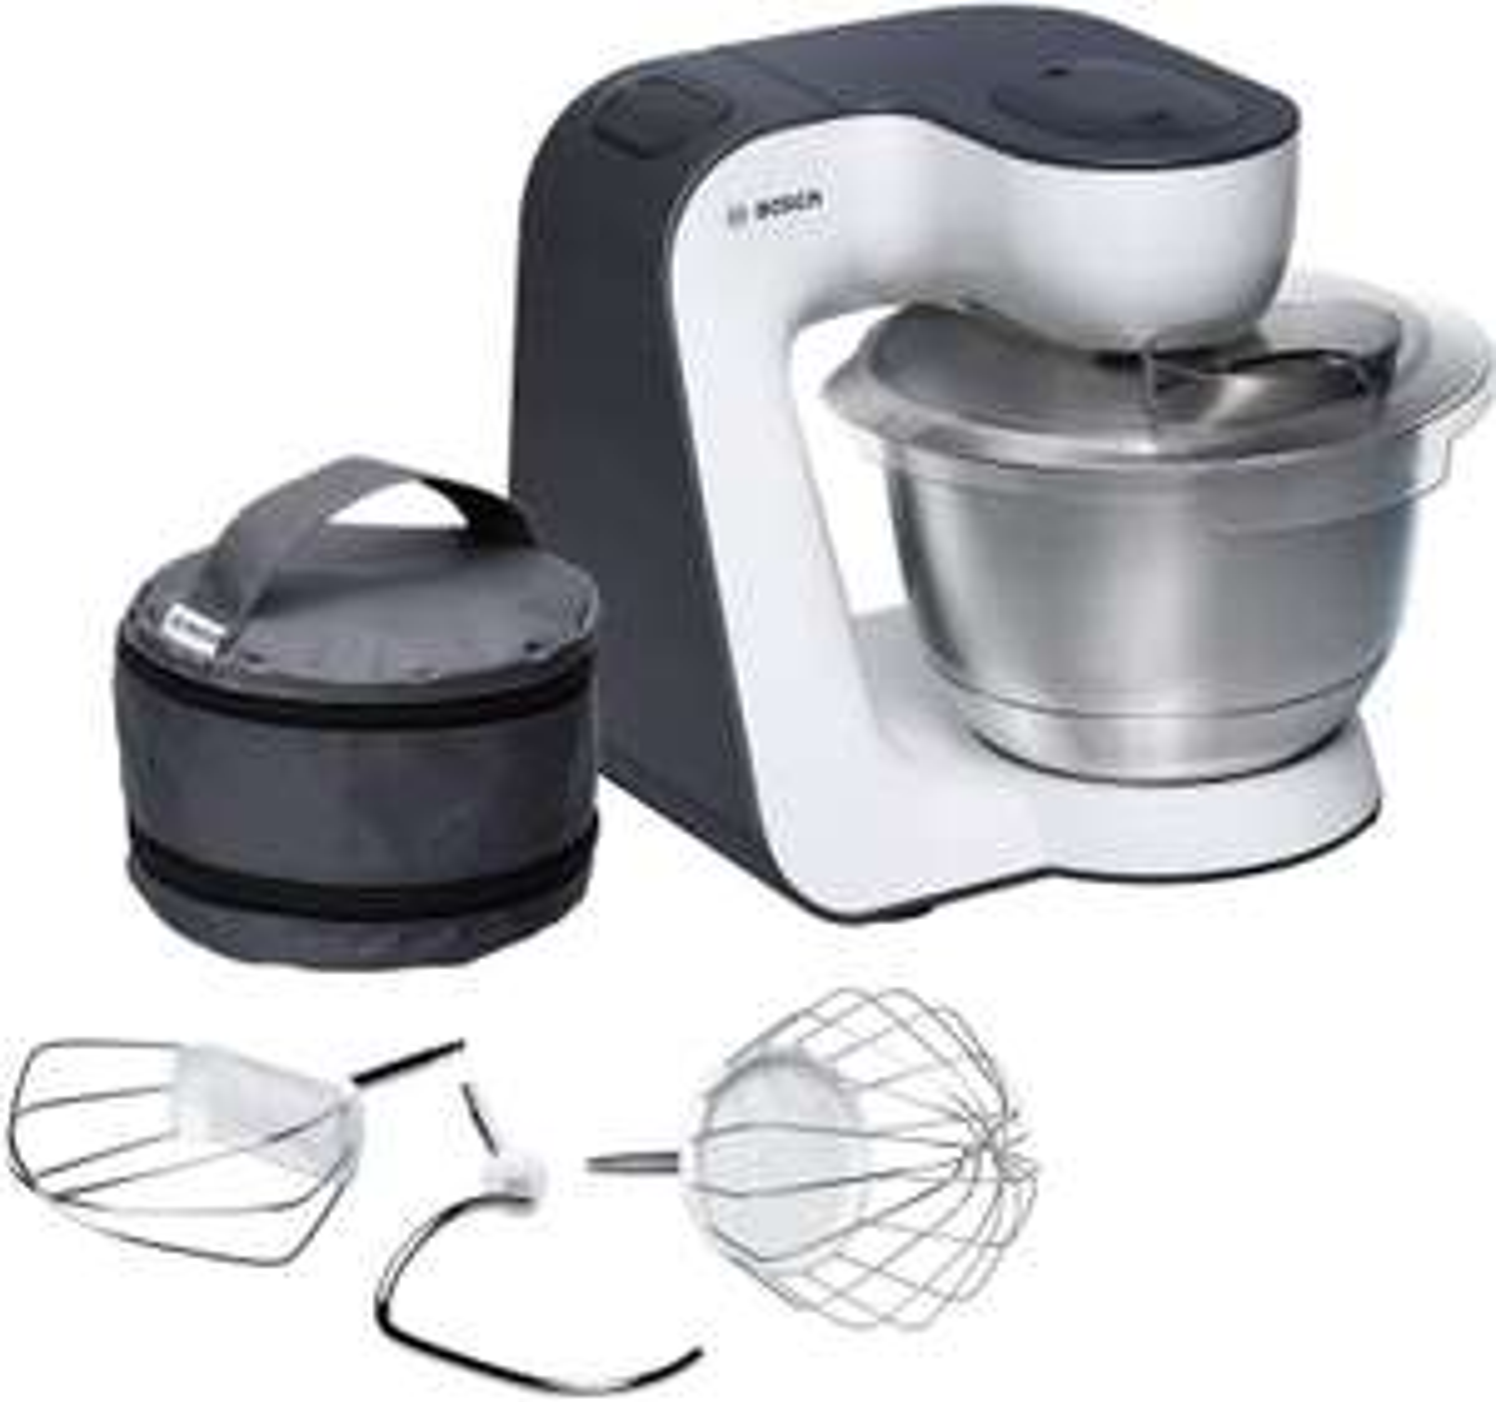 Bosch MUM54A00 Küchenmaschine 900W (Planetenrührwerk, 7 Stufen, inkl. 3,9l Edelstahlschüssel, Rühr- & Schneebesen, Knethaken & Tasche)